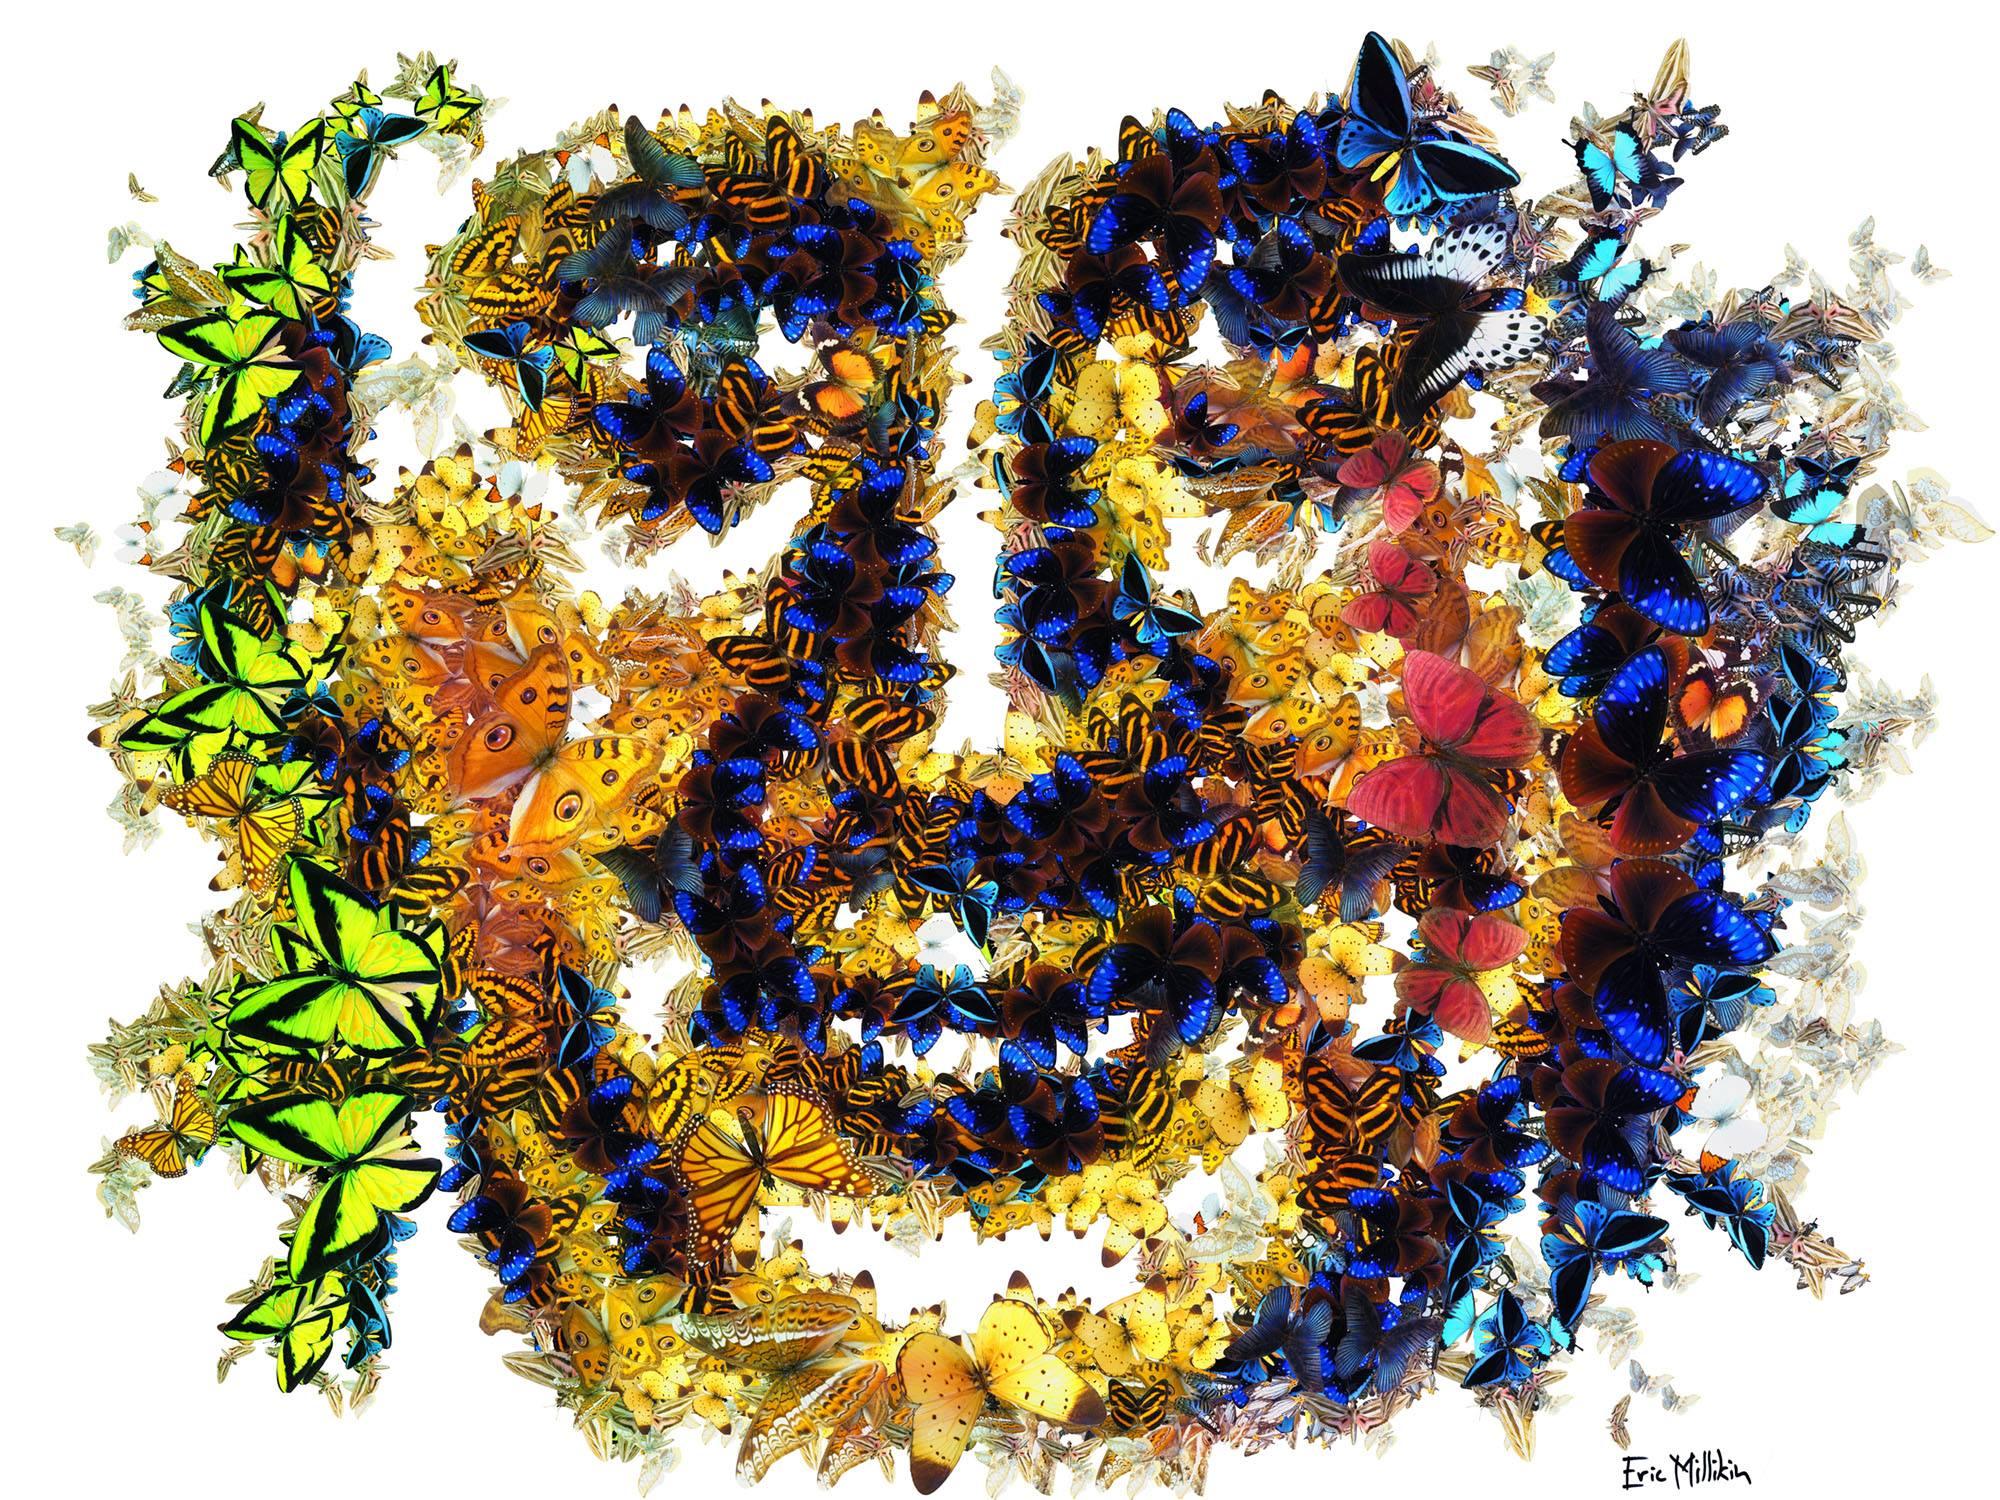 Gene Wilder (June 11, 1933 – Aug. 29, 2016)